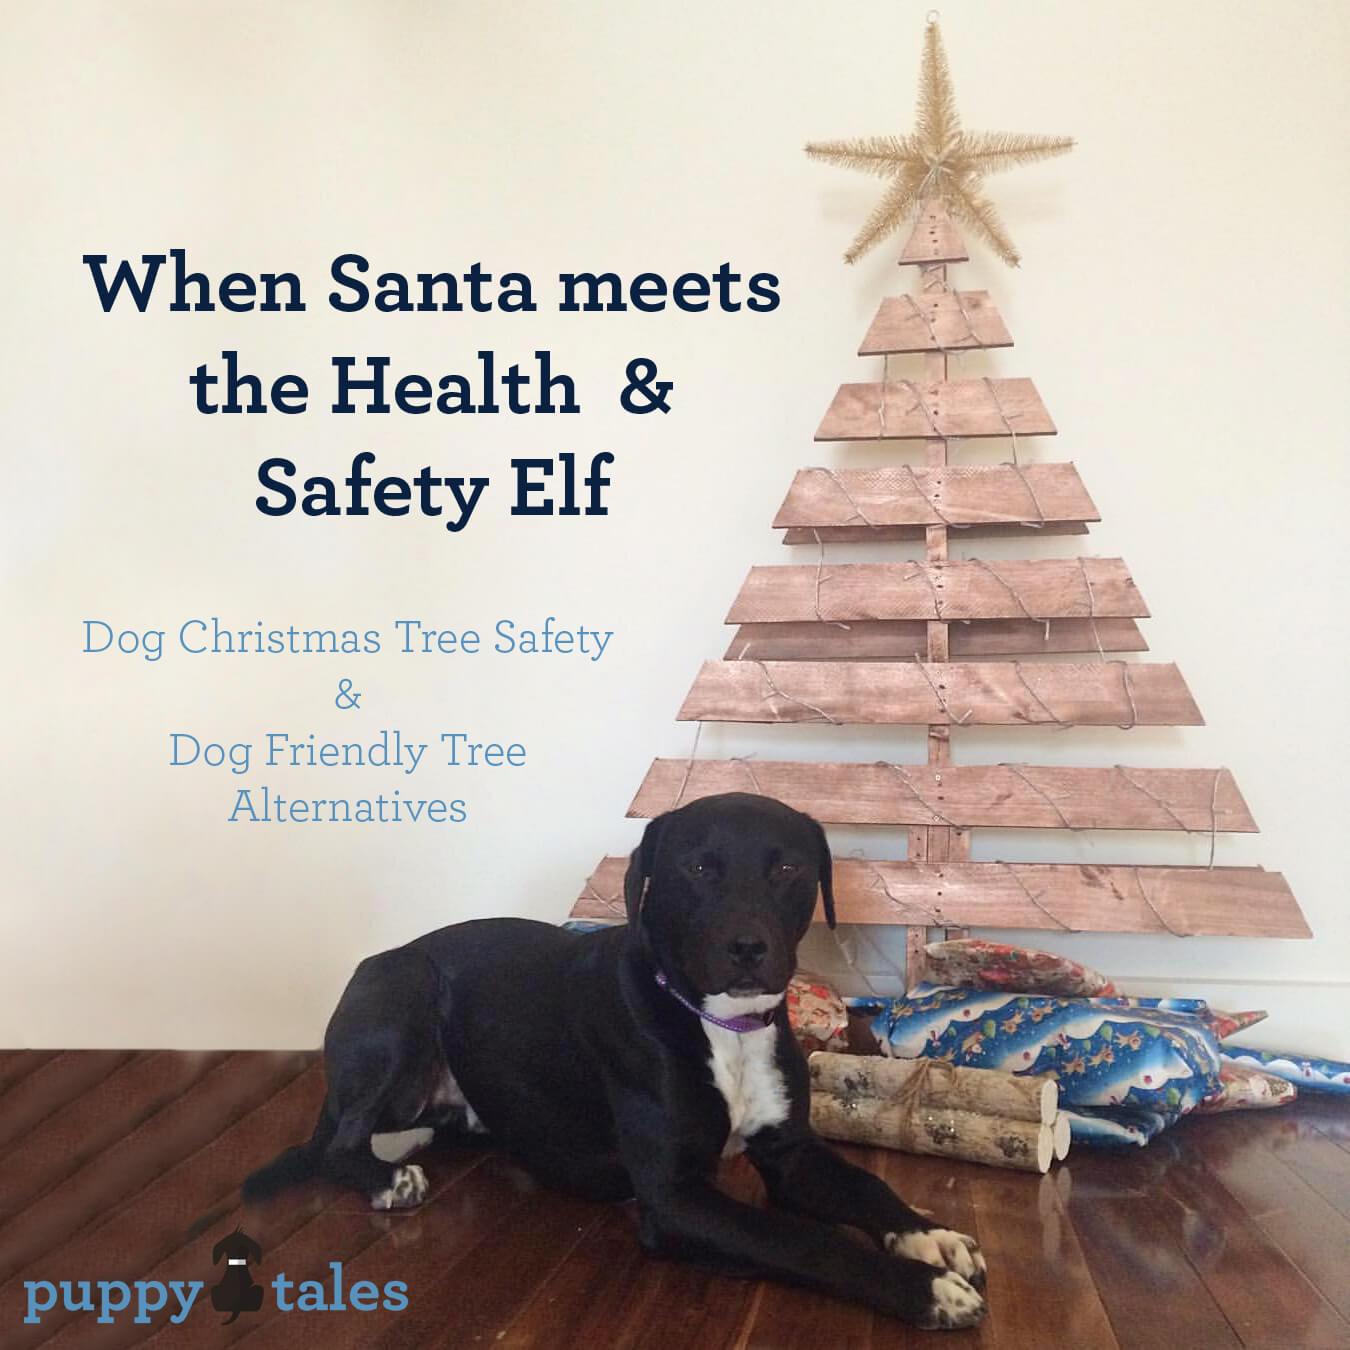 Dog Christmas Tree Safety & Alternatives